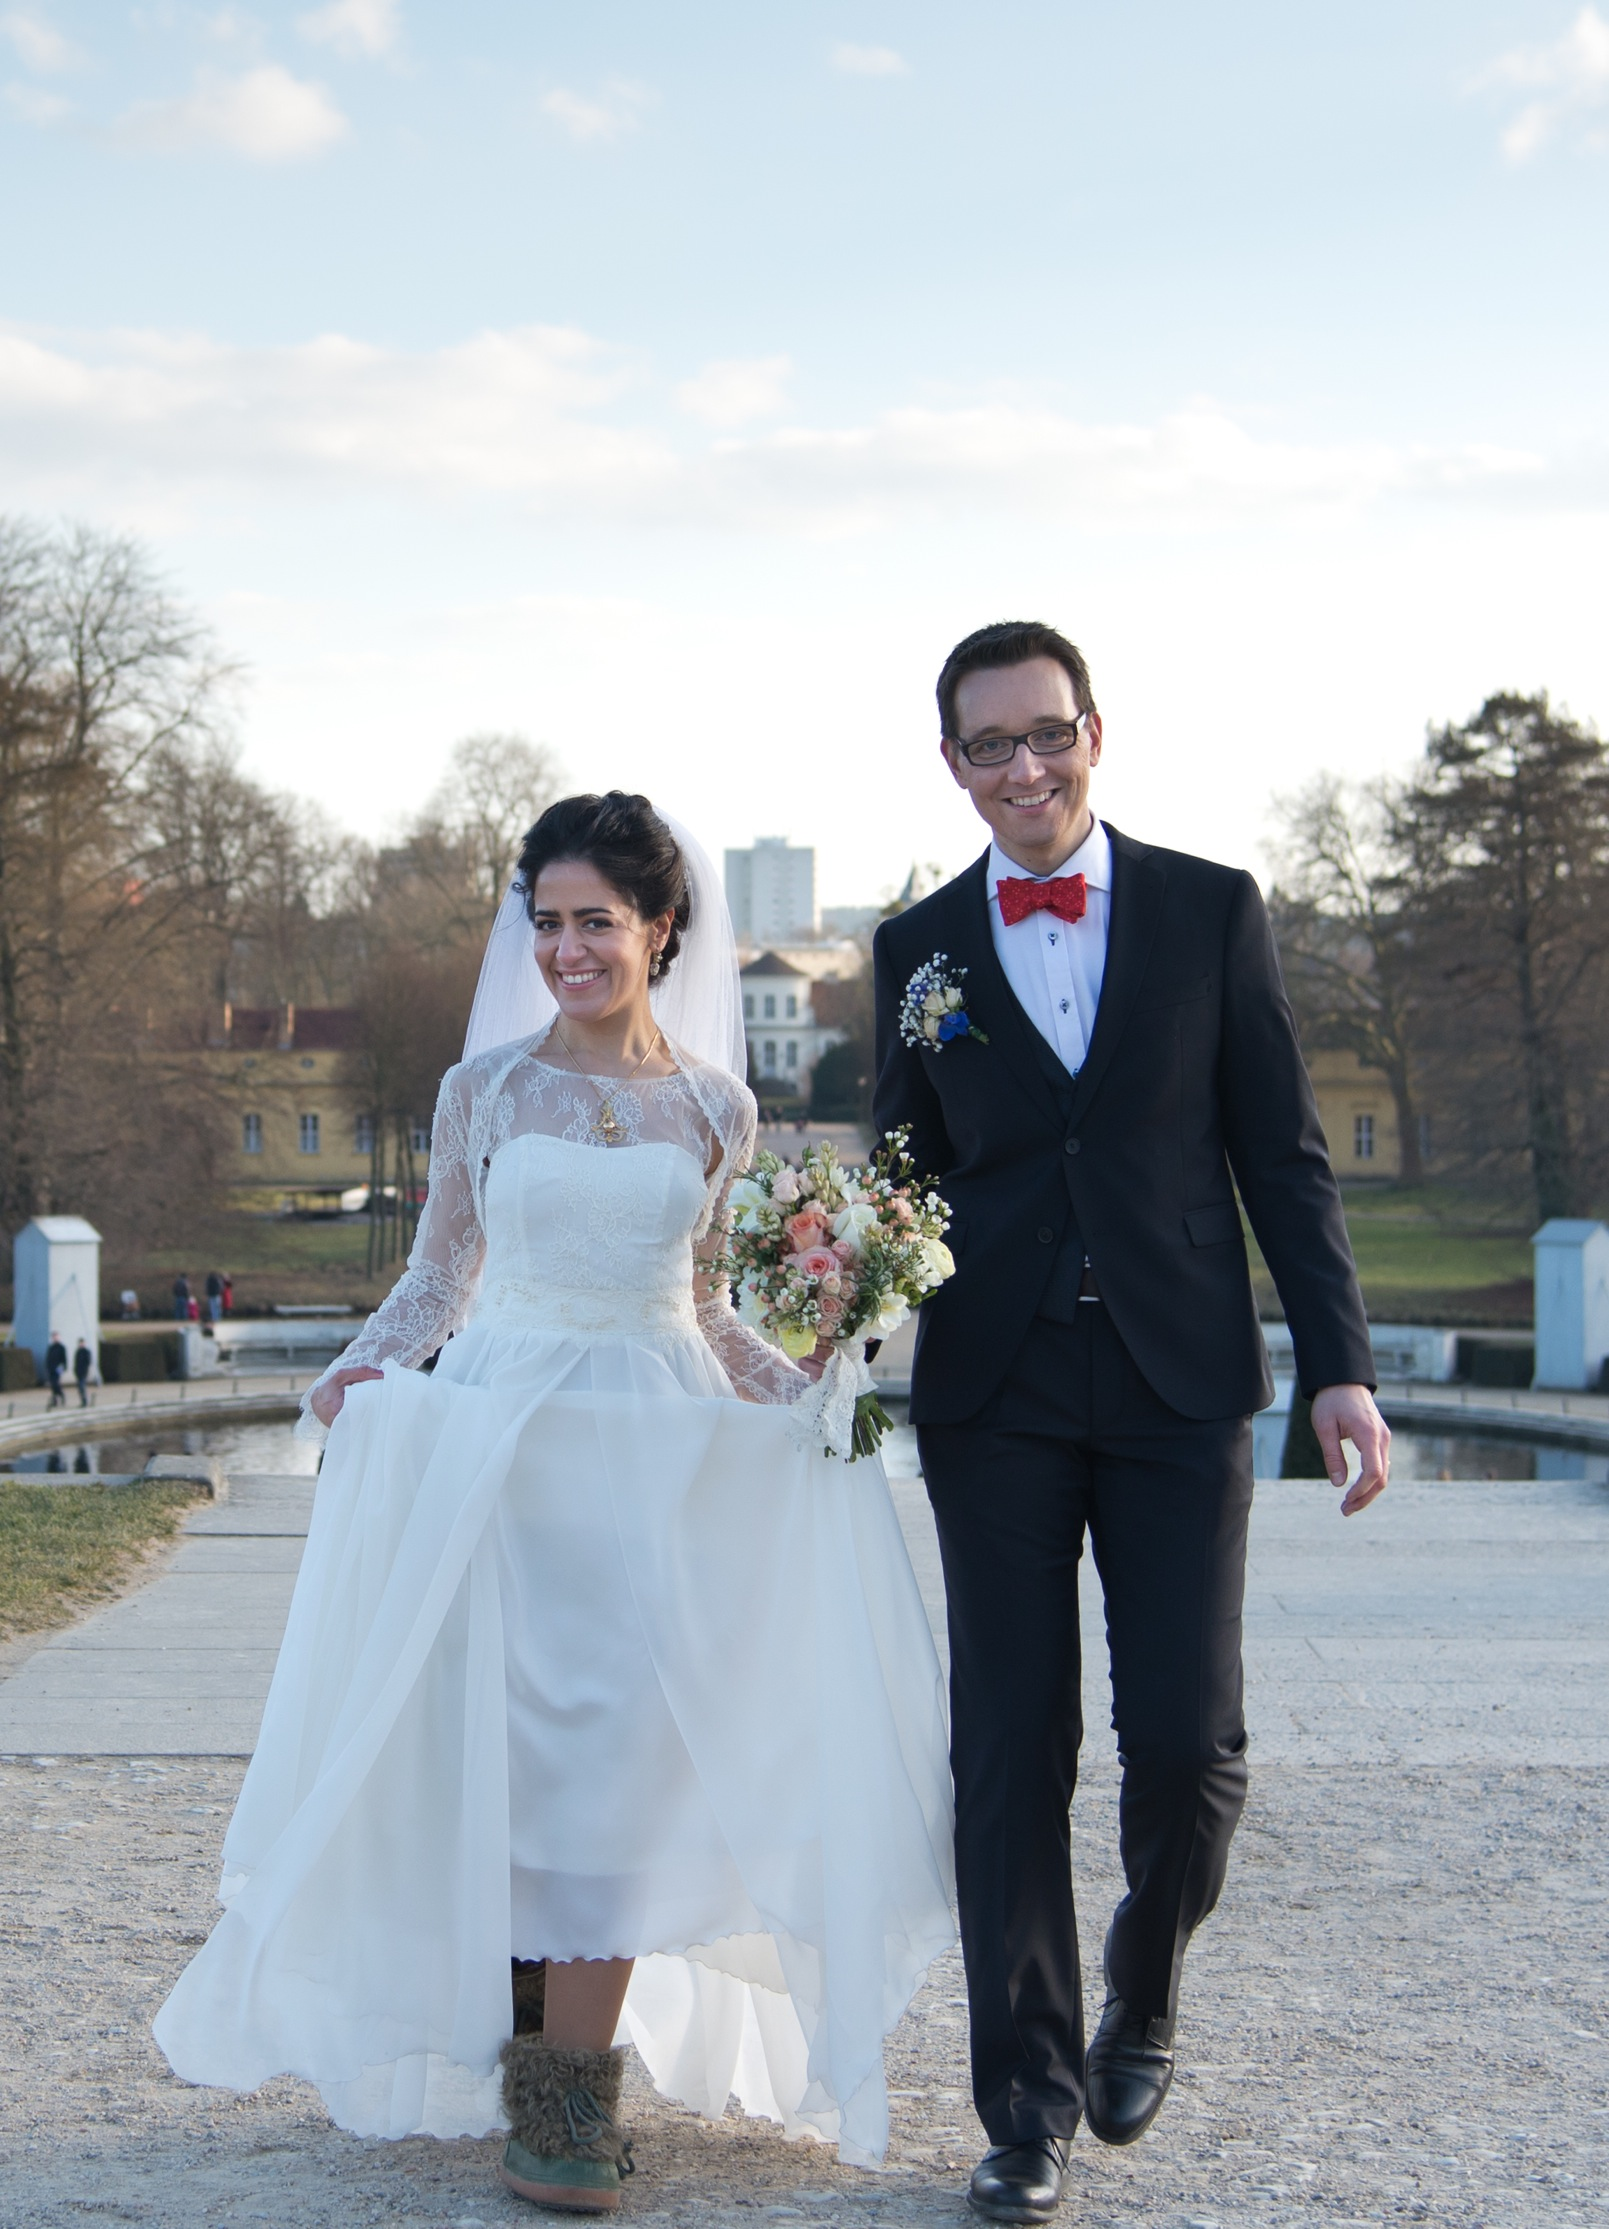 Nargess und ihr frisch angetrauter Ehemann - eine deutsch-iranische Hochzeit